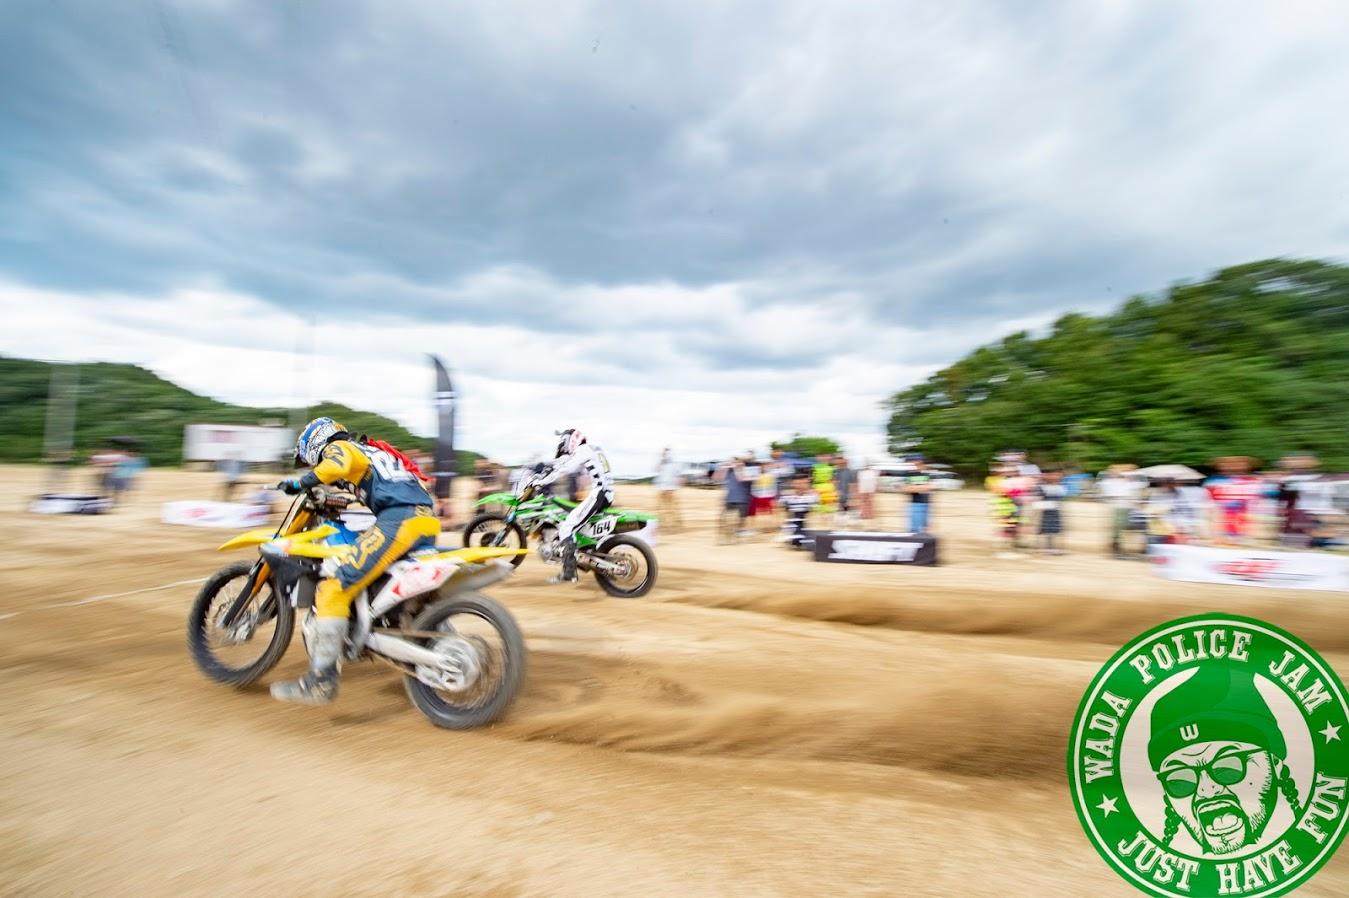 ワダポリジャム 香川 香川スポーツランド 四国 モトクロス motocross mx エンデューロ FMX イベント ホールショットキングス